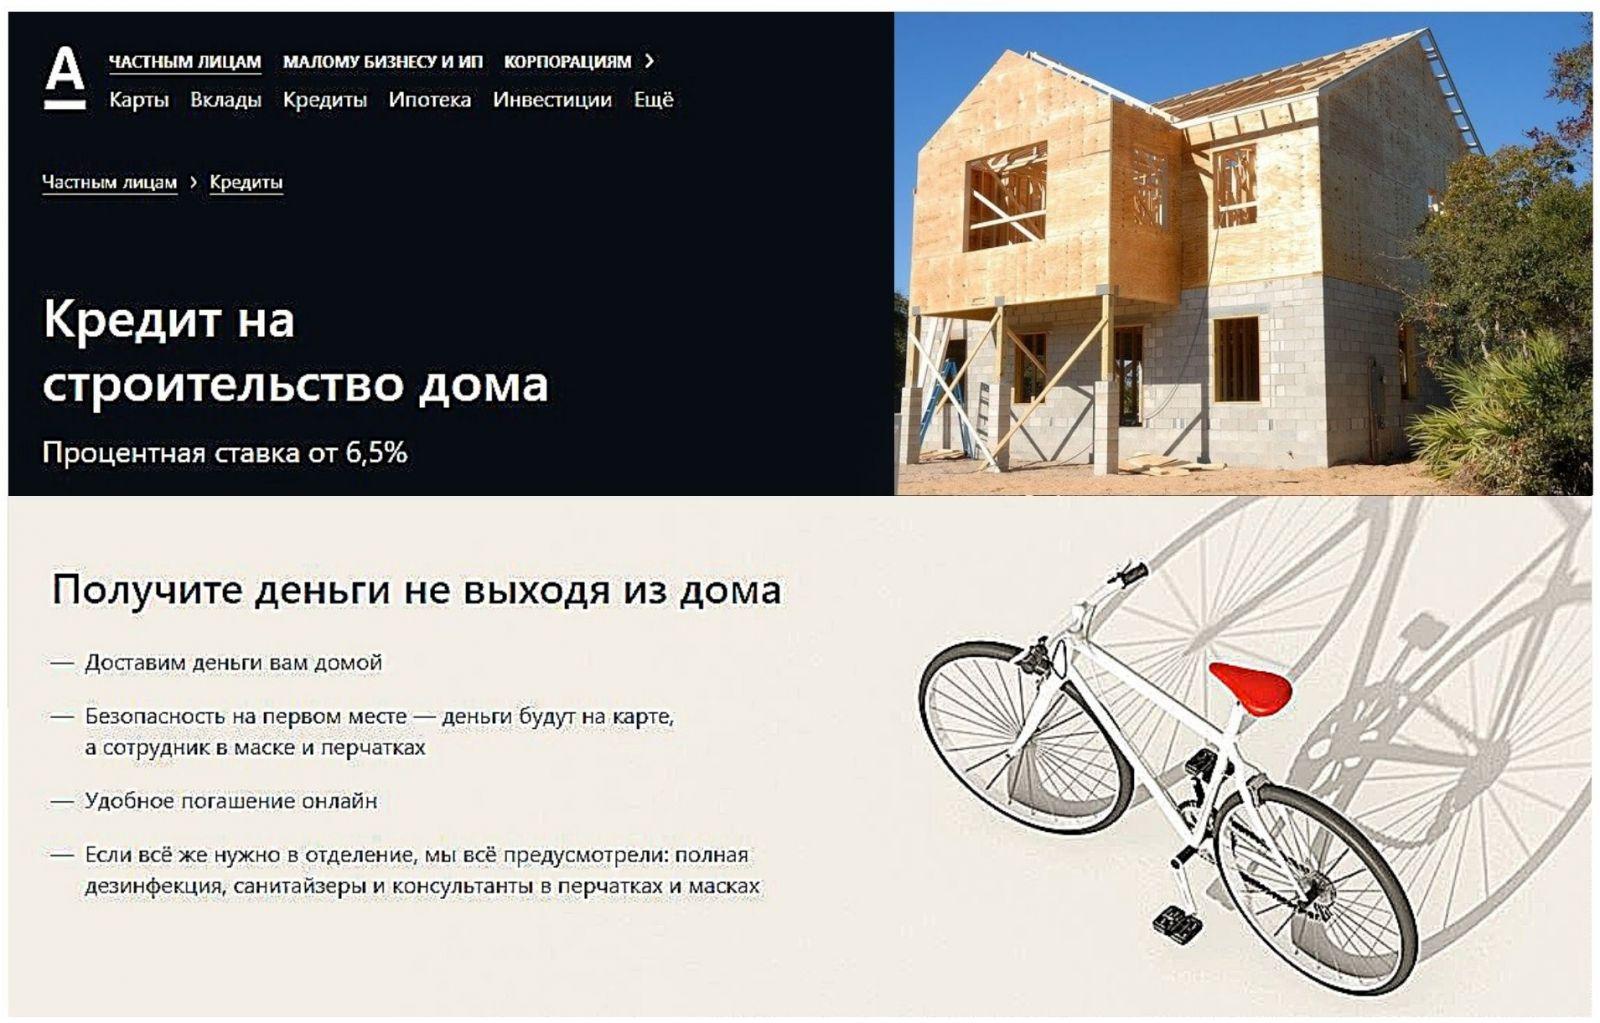 Ипотека на строительство